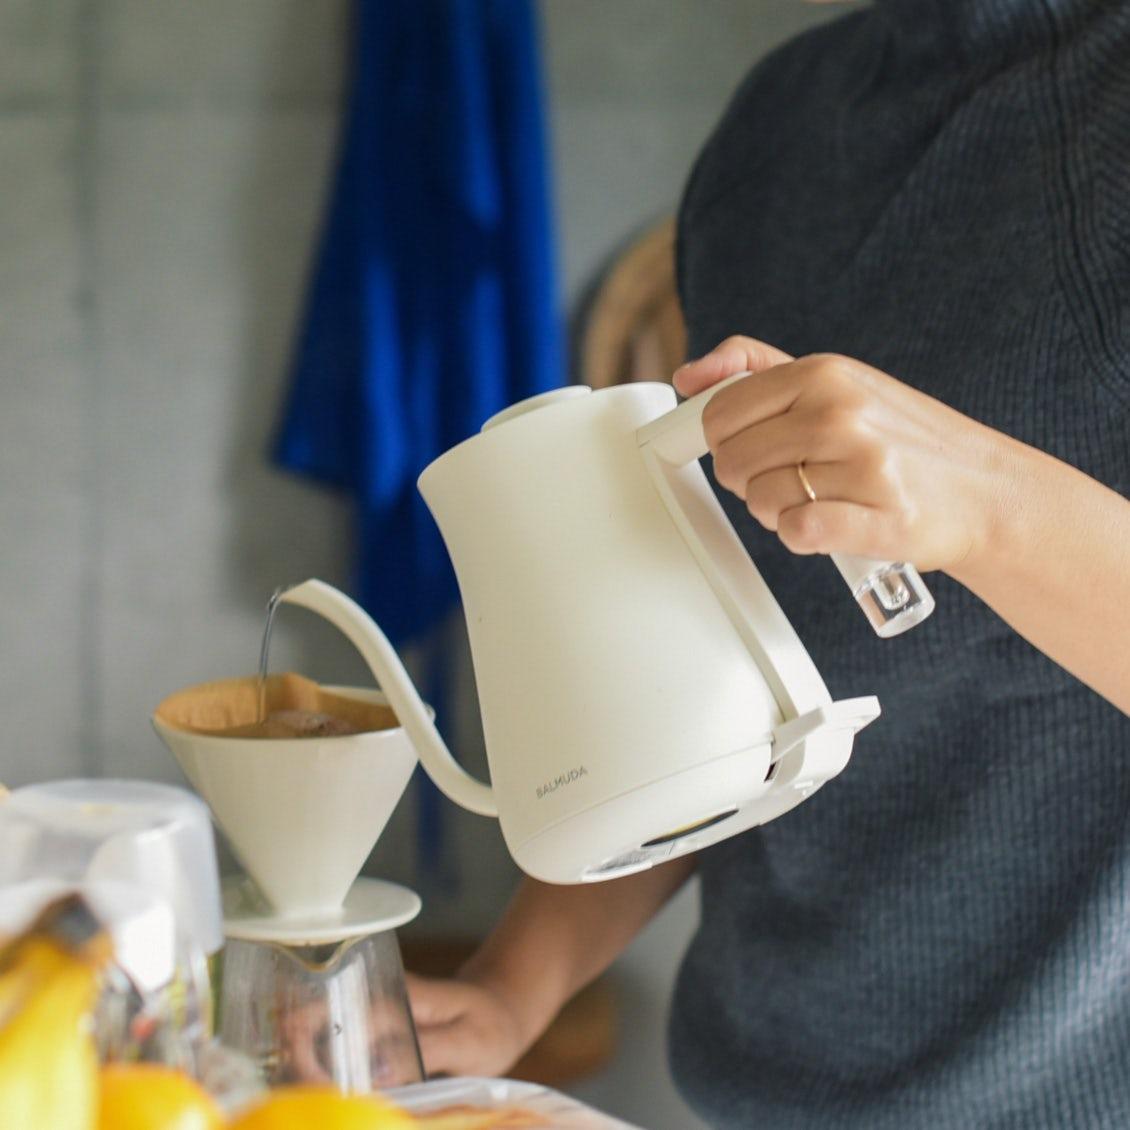 【スタッフの愛用品】白い「電気ケトル」が、キッチンの頼れる相棒になりました